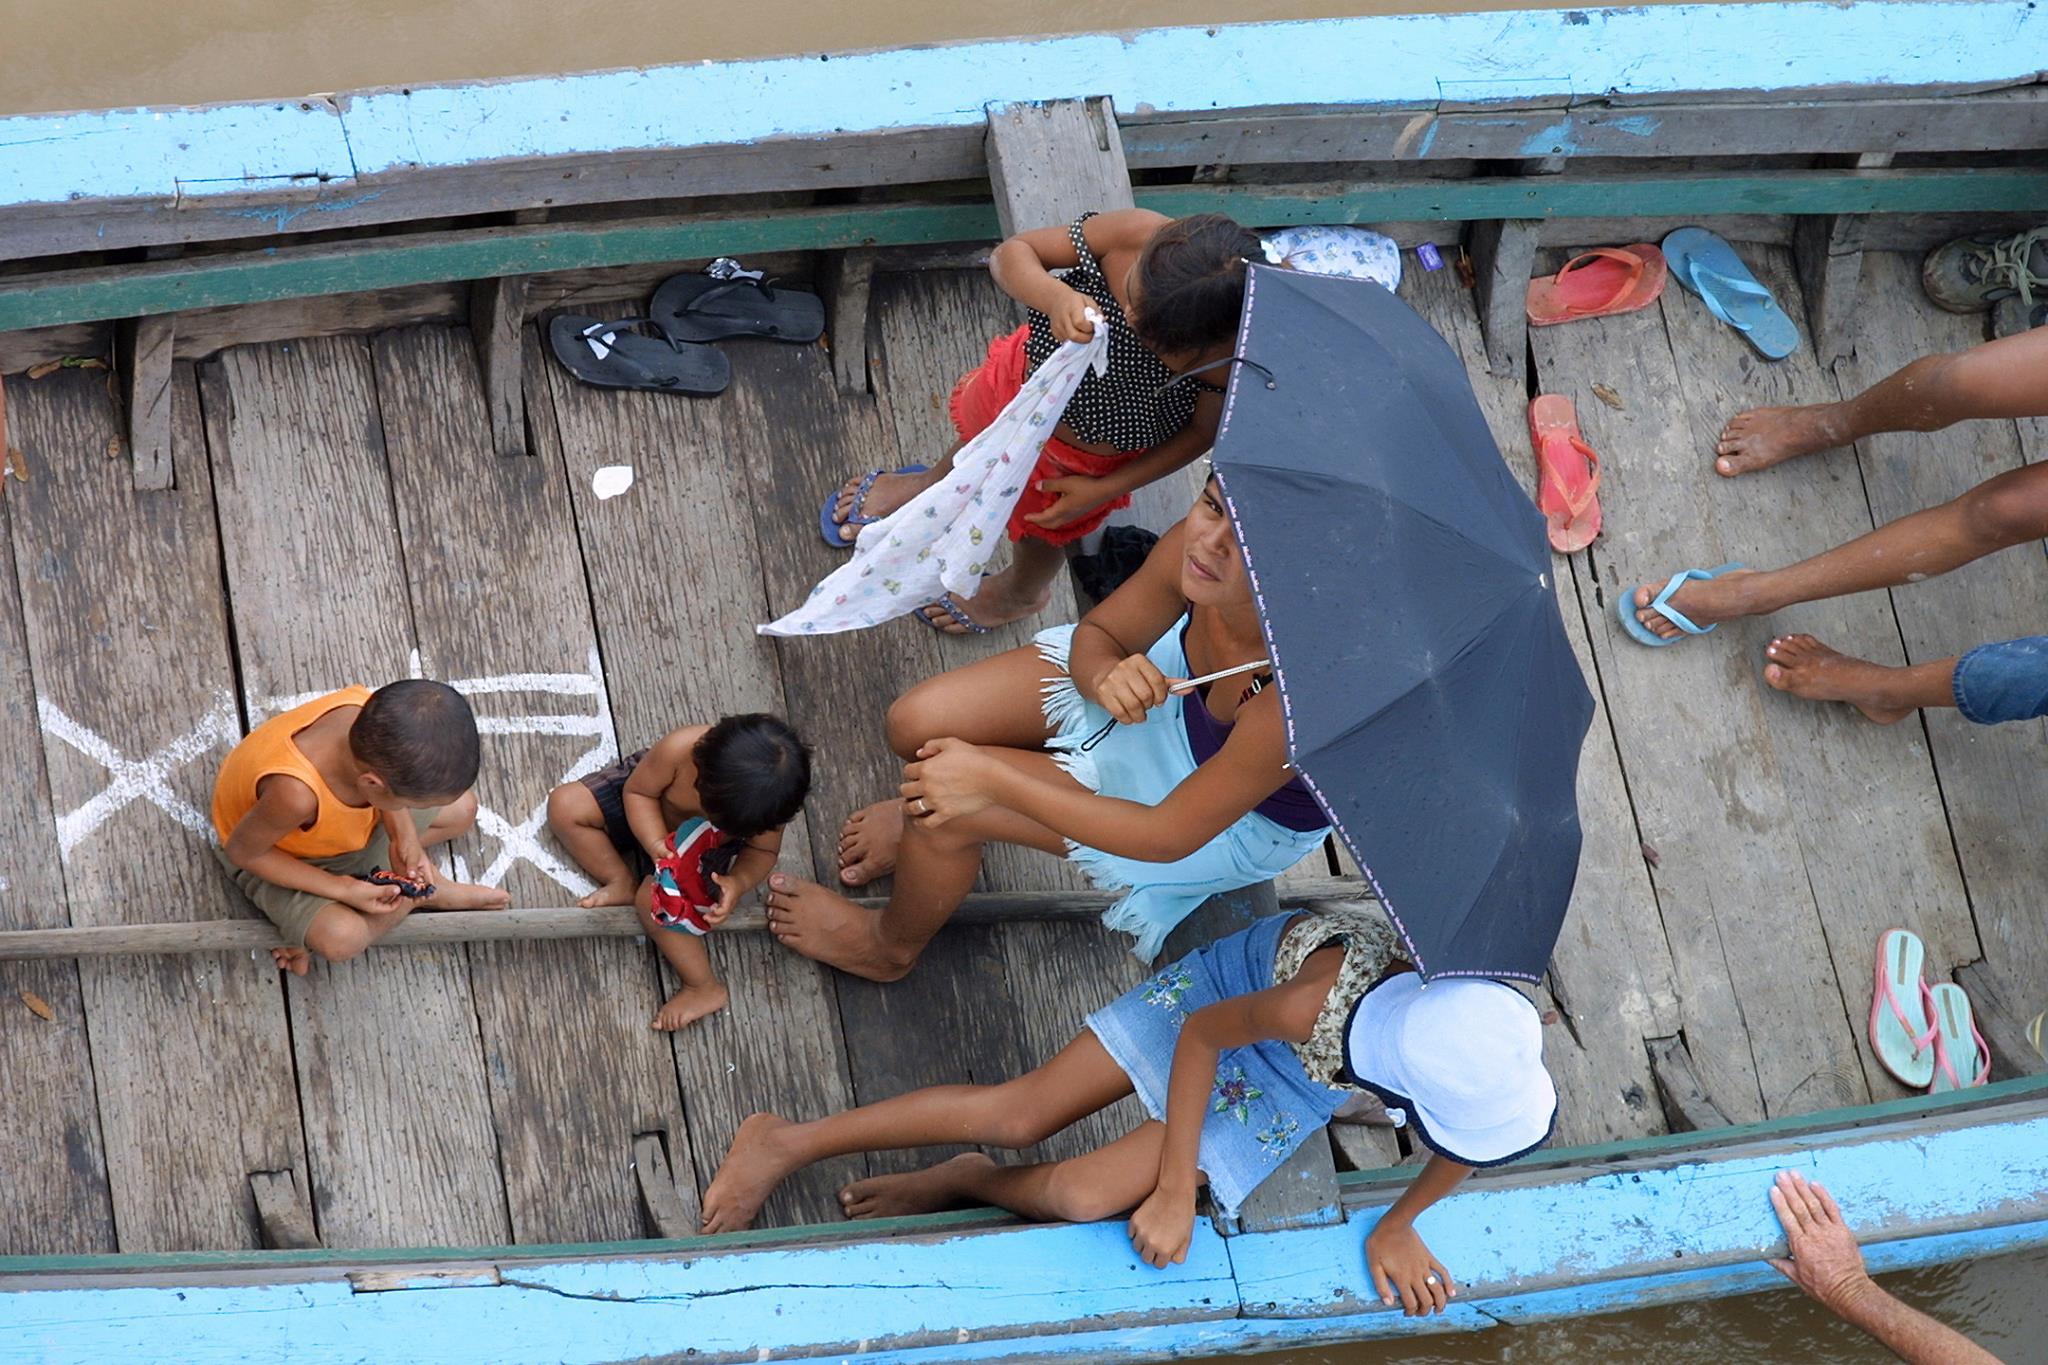 Populações amazônicas estão sofrendo com depressão e enfermeira aponta causas